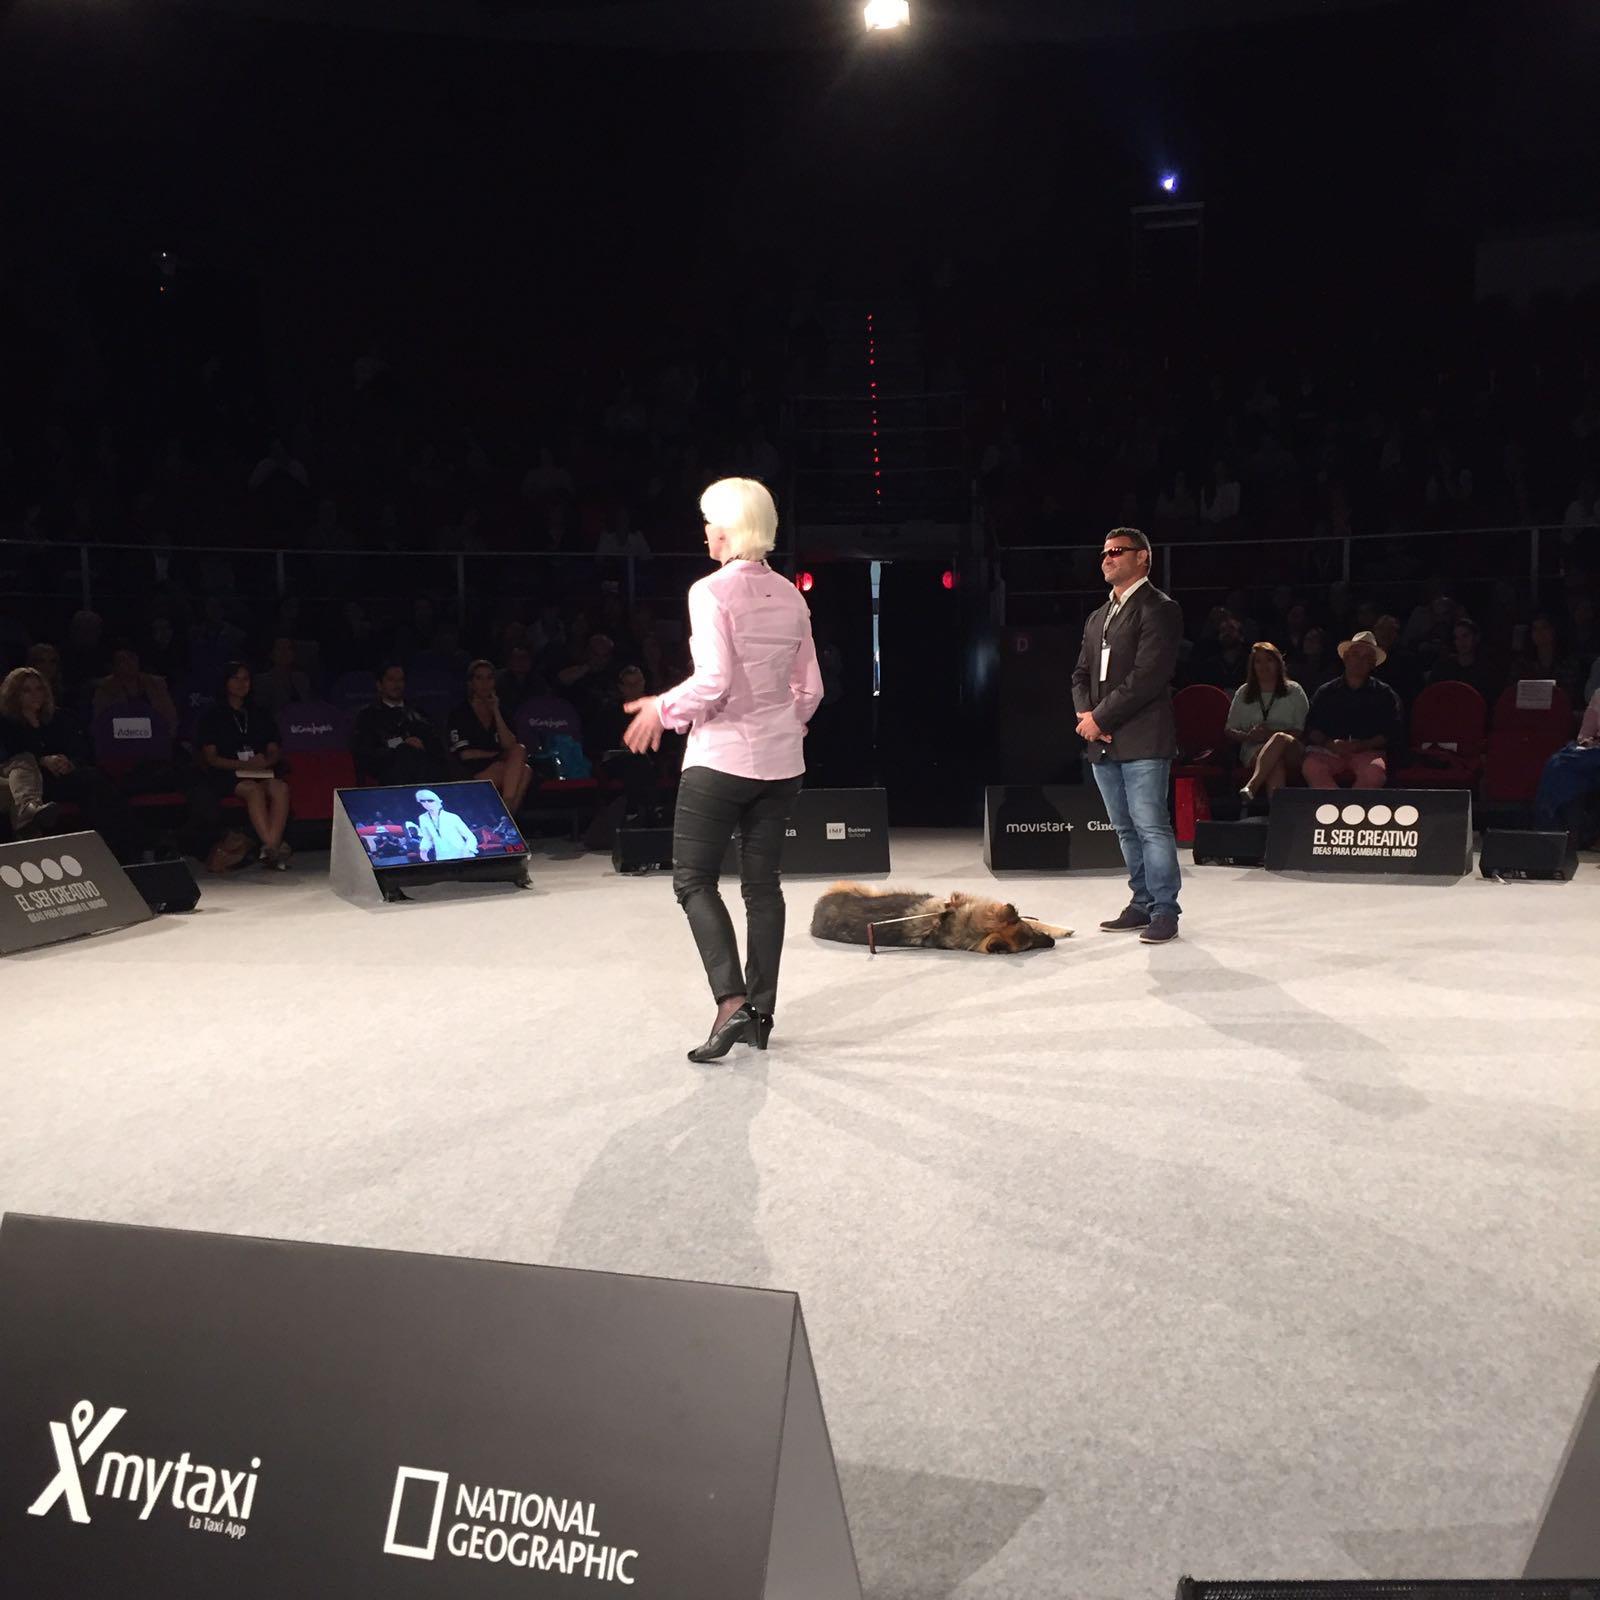 Marta Arce dando una charla sobre 'El ser creativo, ideas para cambiar el mundo'.